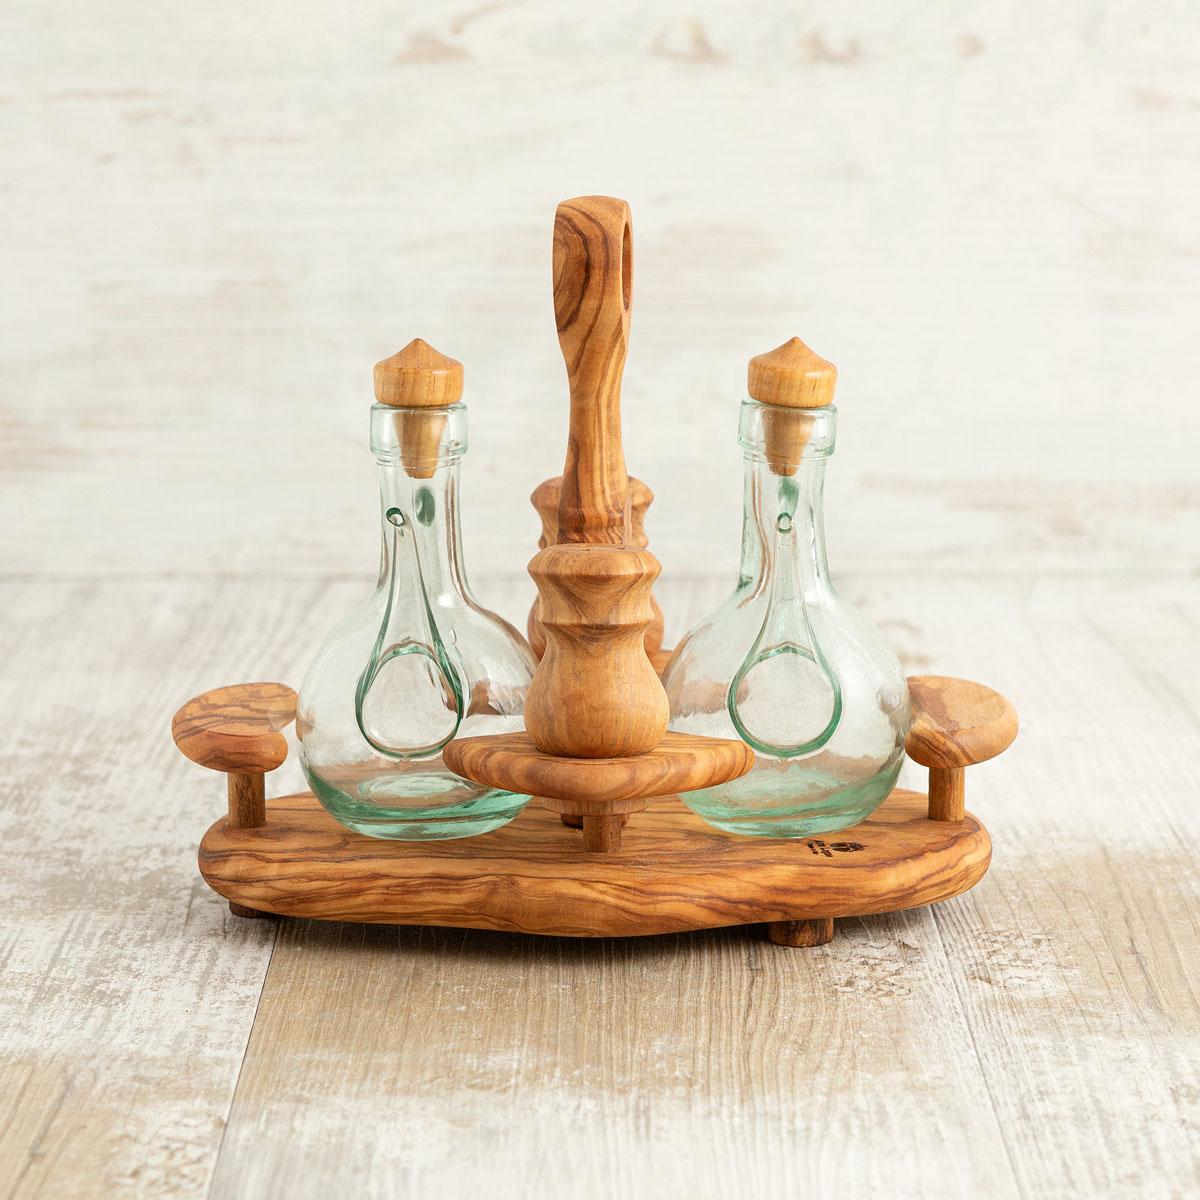 Porta olio sale e pepe in legno di ulivo | Arte Legno